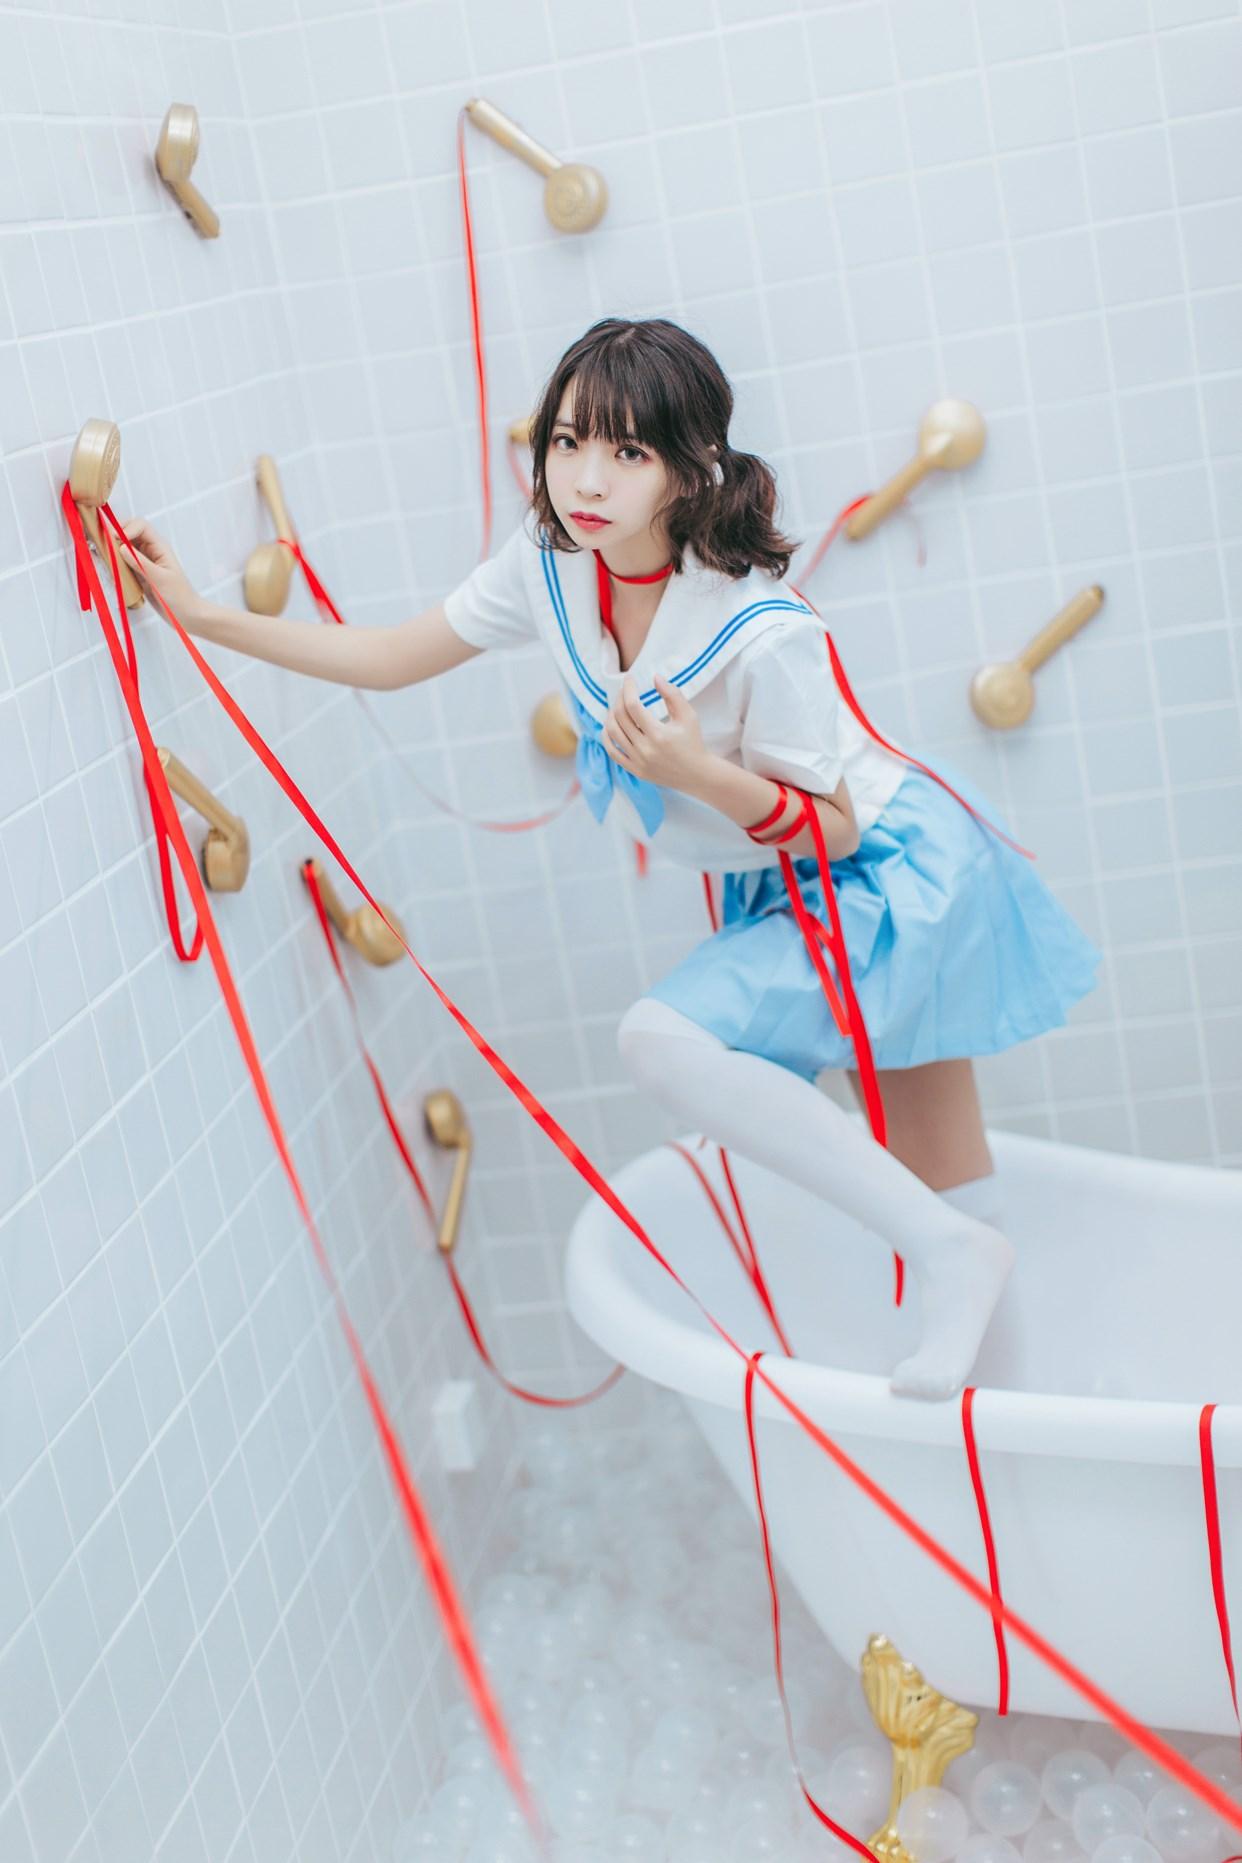 【兔玩映画】睡衣与浴室的水手服 兔玩映画 第38张